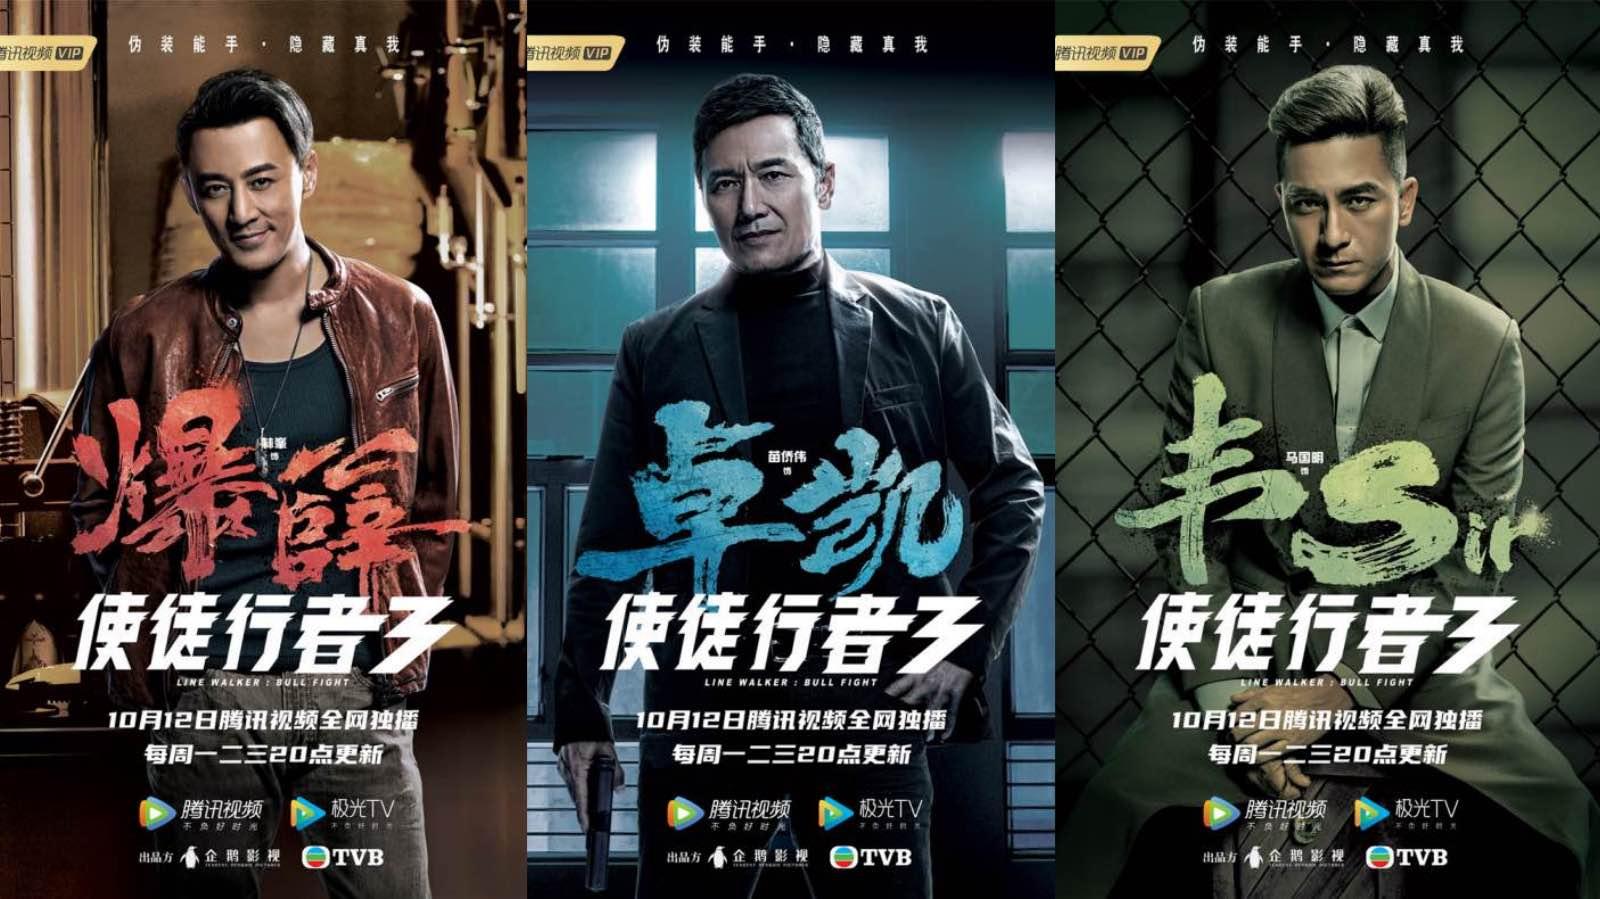 《使徒行者3》定档10月12日 林峯苗侨伟联手新面孔演绎巅峰反转